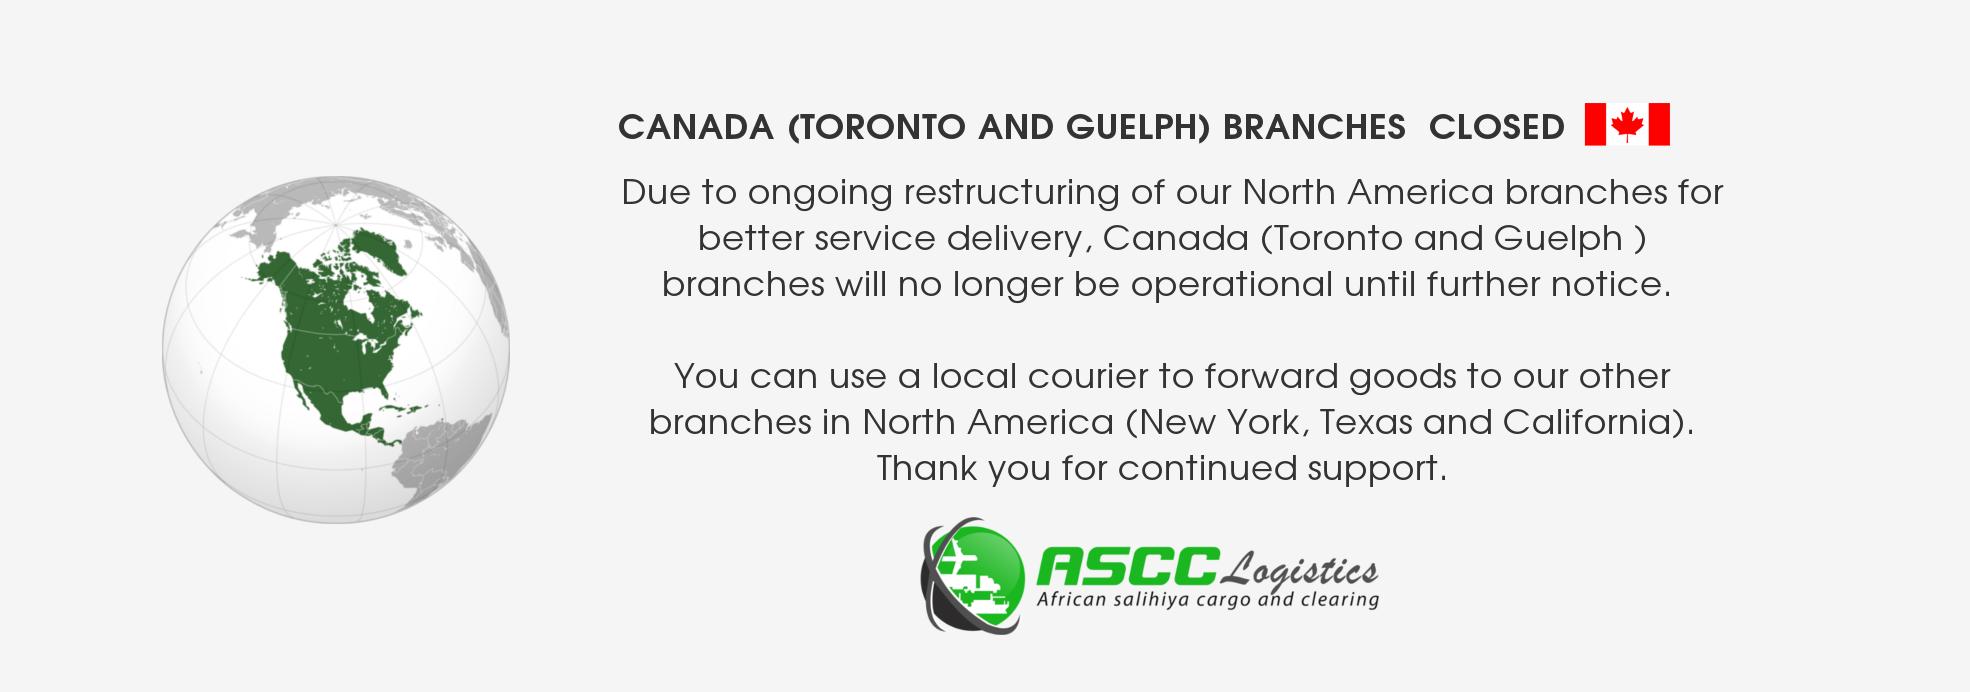 Canada Branch Closed